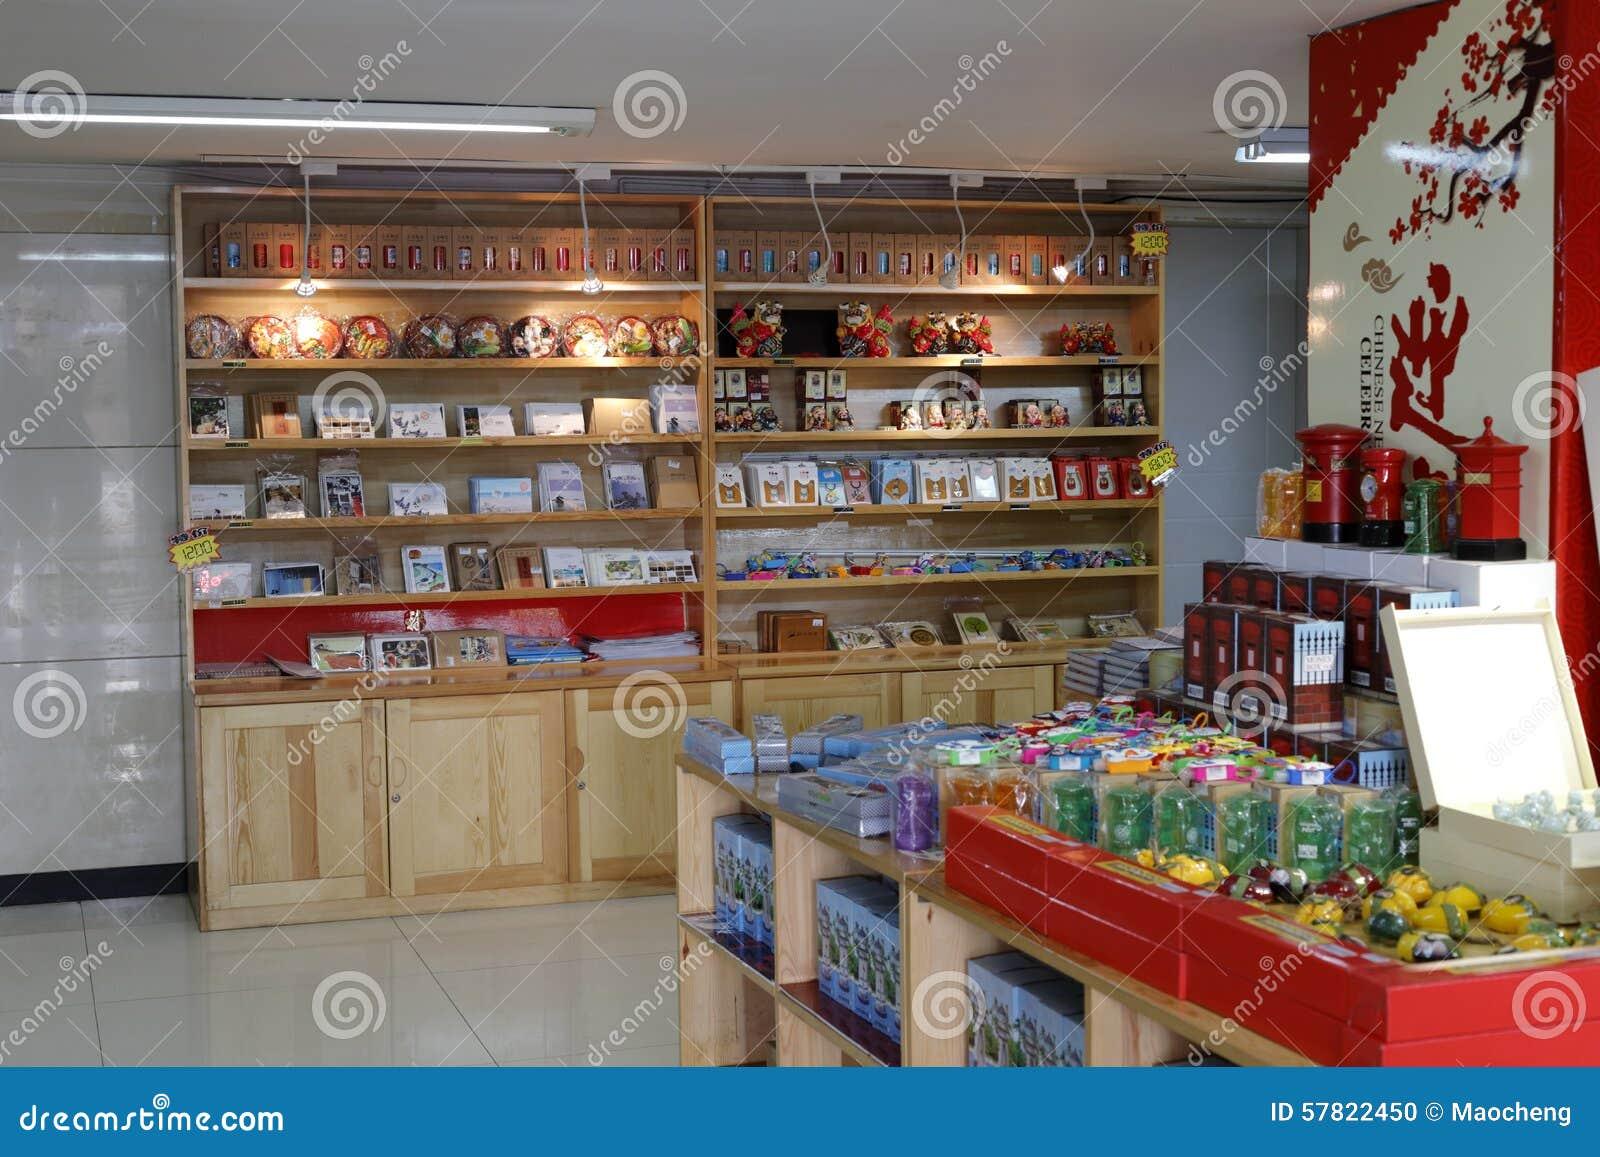 Materia en la oficina de correos imagen editorial imagen for Oficina de correos en